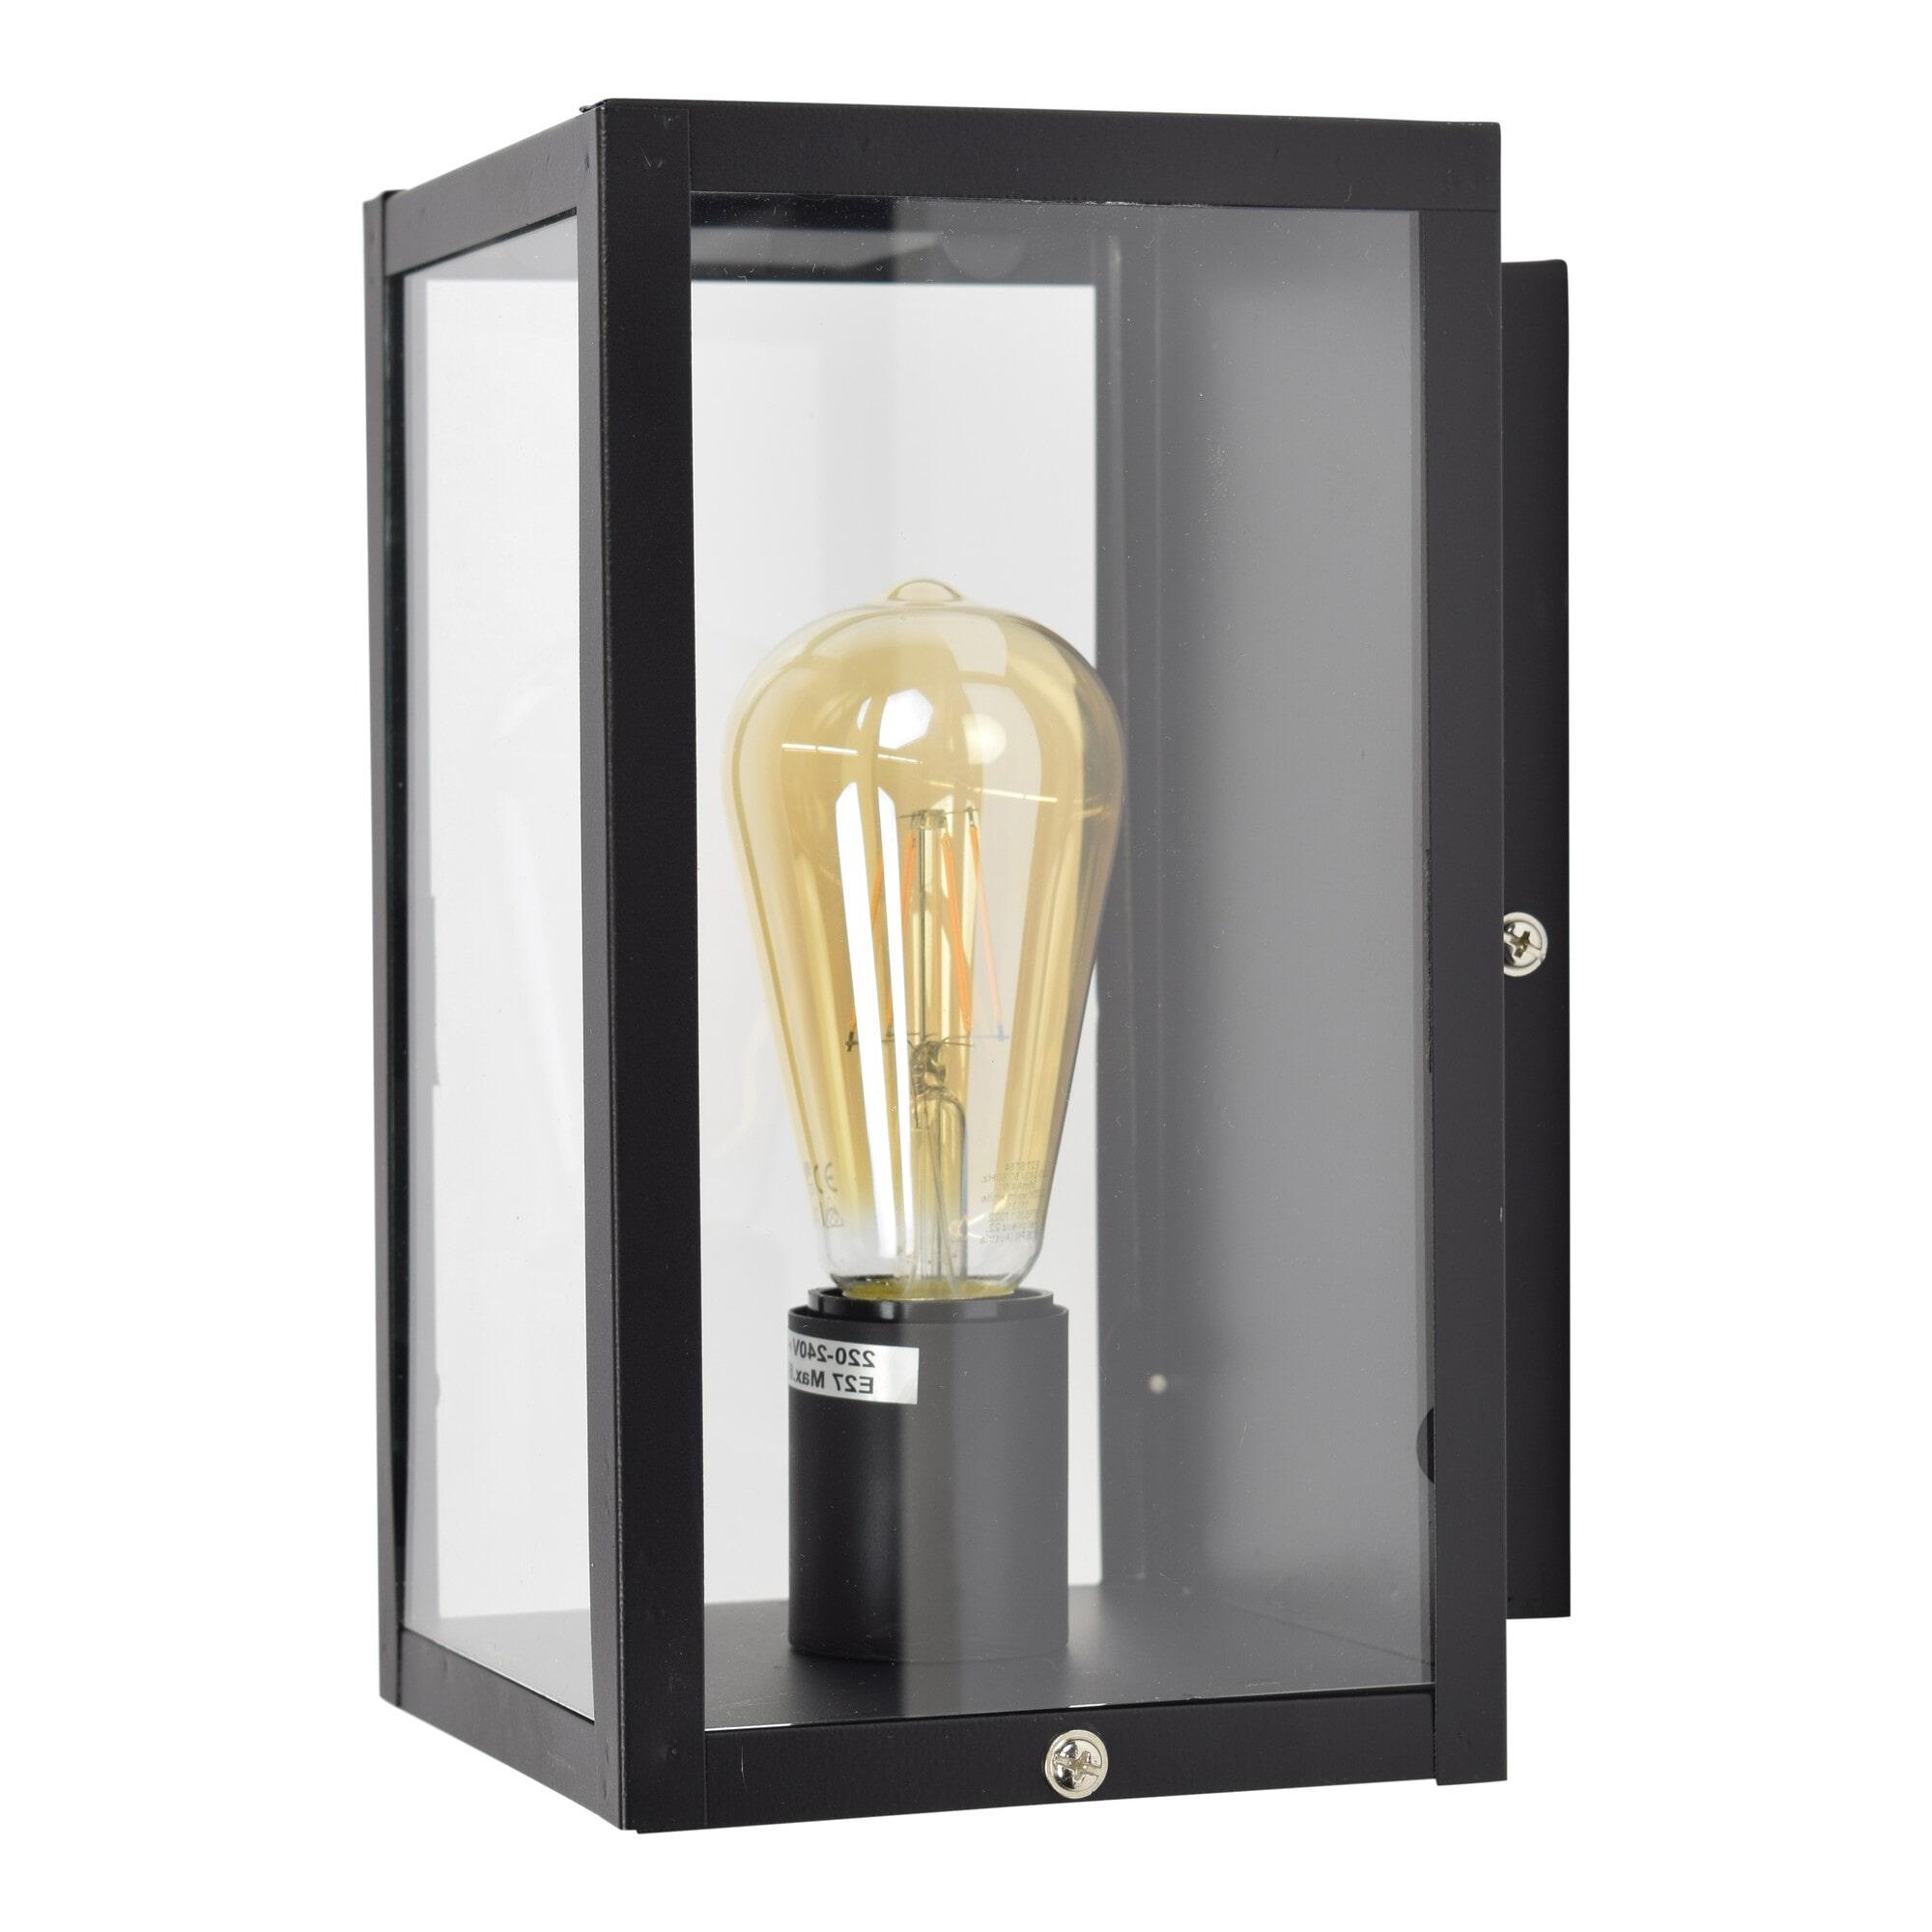 Urban Interiors wandlamp 'Loft', kleur Vintage Black Verlichting   Wandlampen vergelijken doe je het voordeligst hier bij Meubelpartner